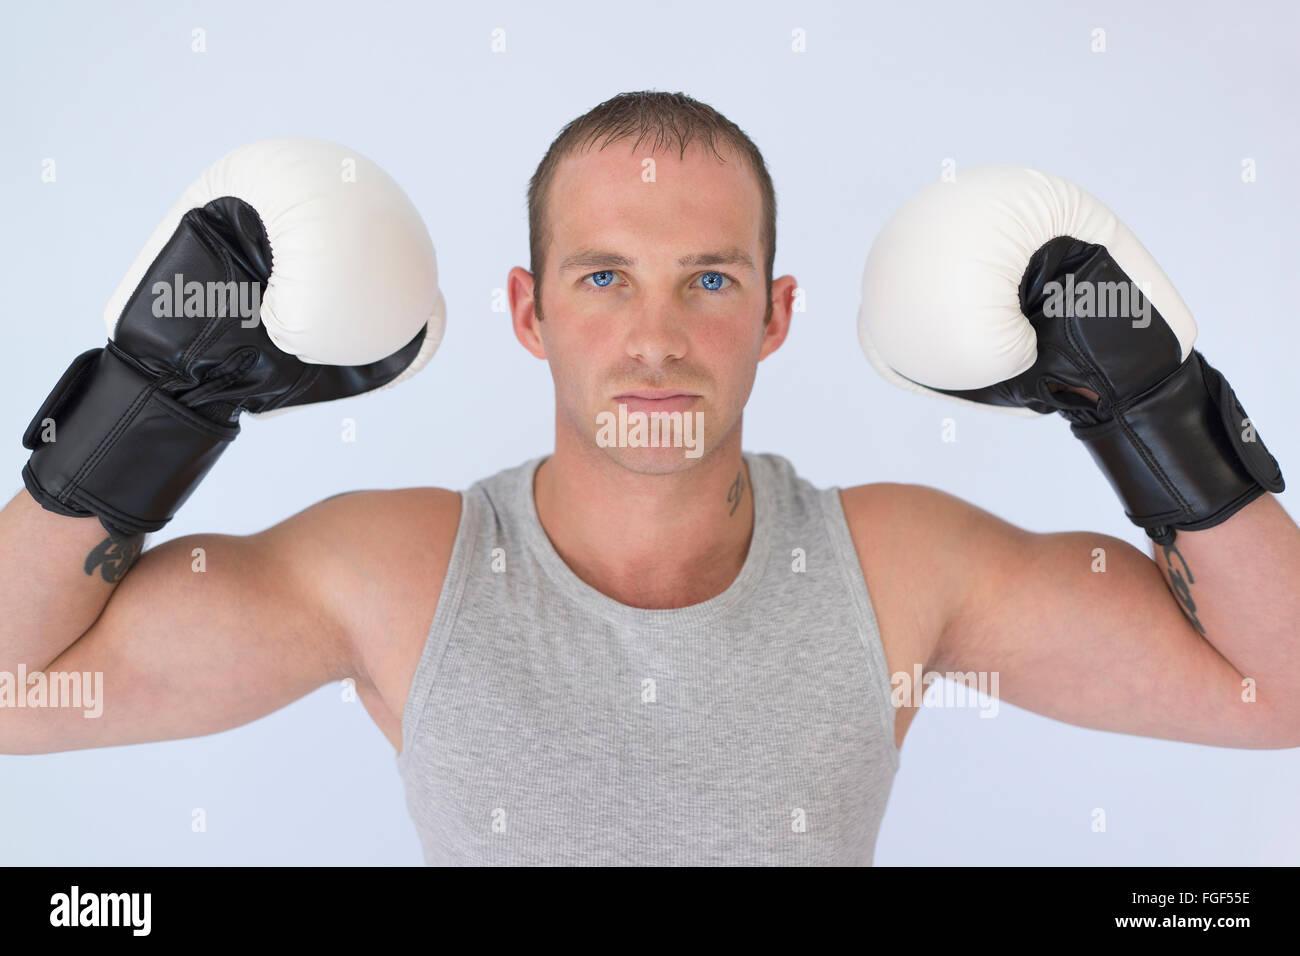 Uomo che indossa guantoni da pugilato flettendo il suo bicipite con un espressione seria di concentrazione Immagini Stock